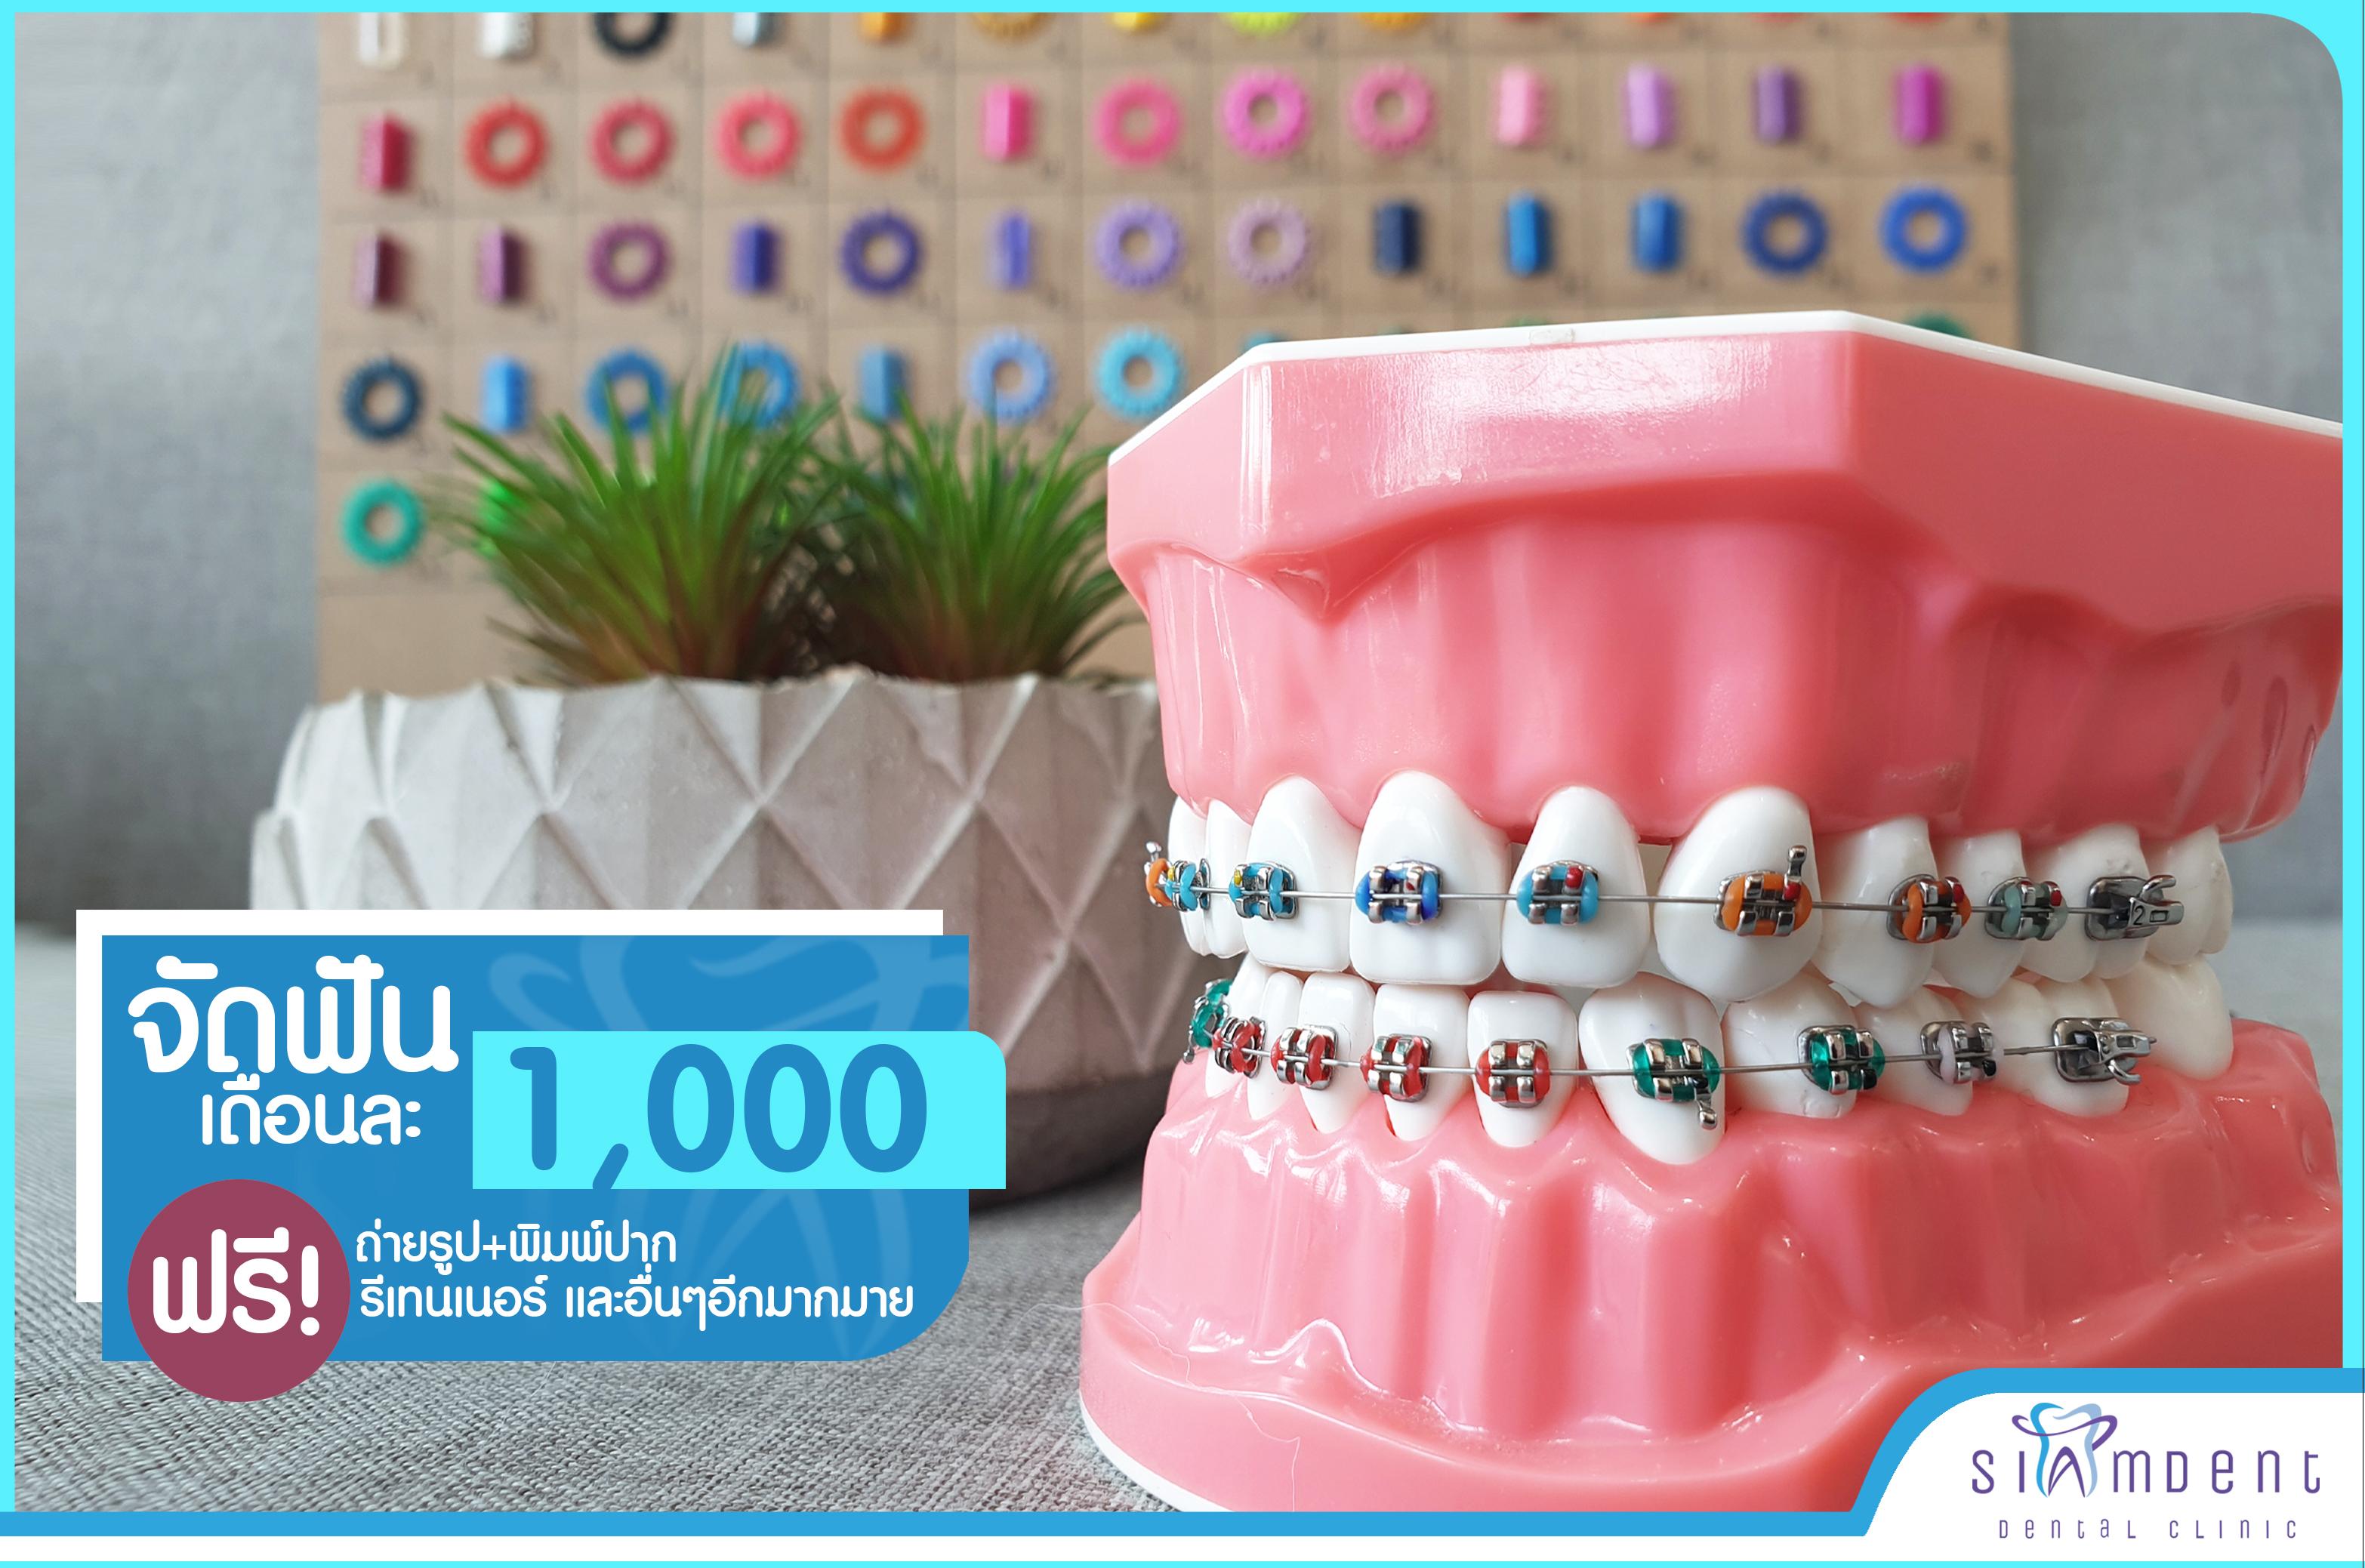 โปรโมชั่นจัดฟันผ่อนเดือนละ 1000